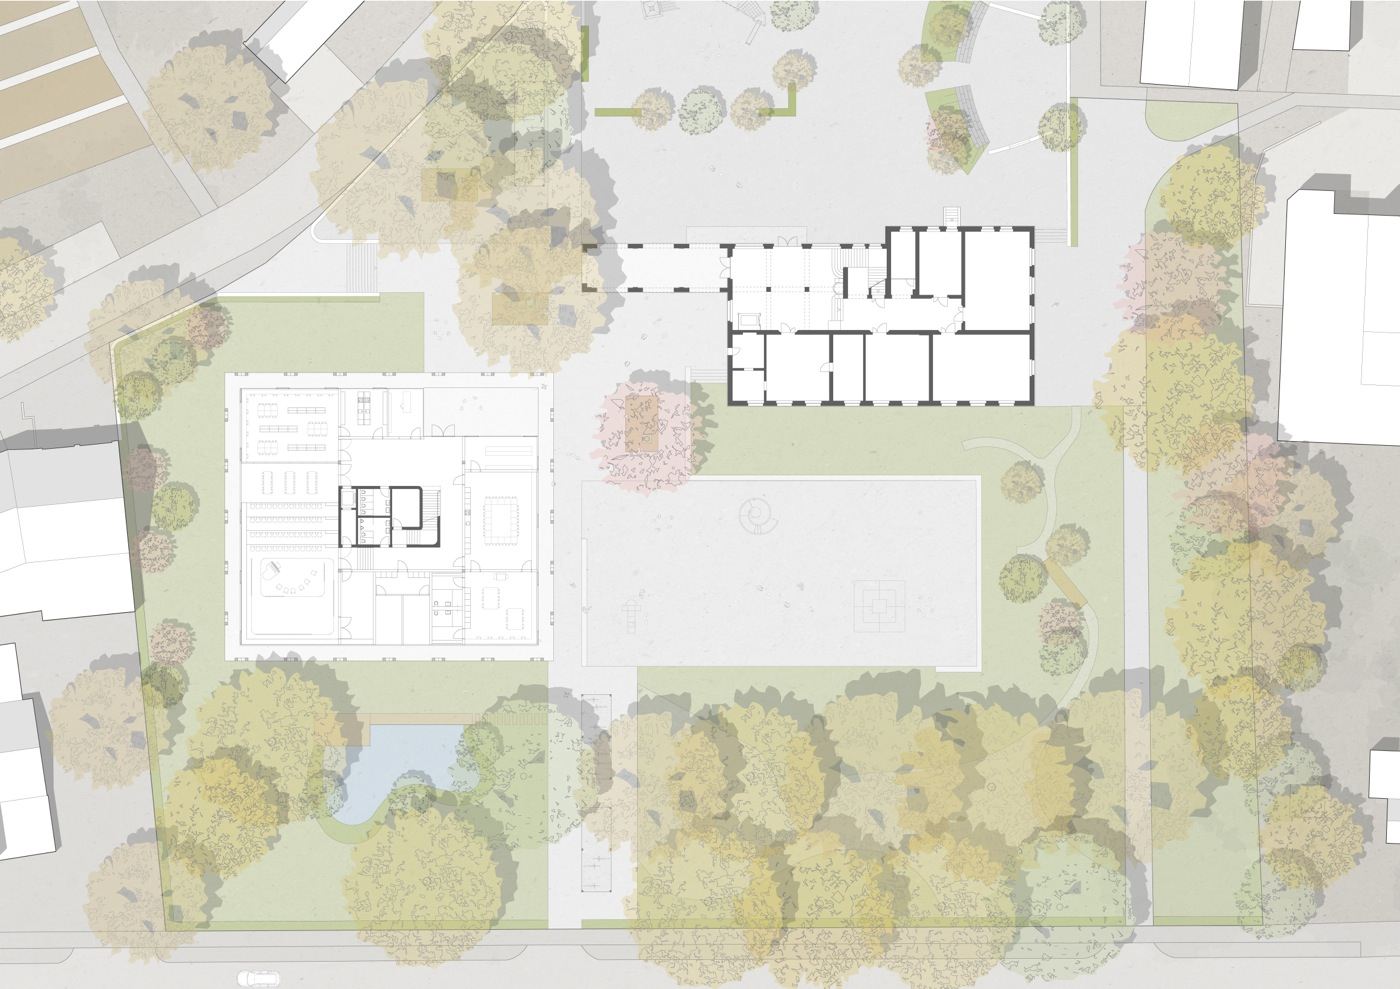 buan-architekten-ersatzneubau schulhaus zentrum-diessenhofen-umgebungsgestaltung